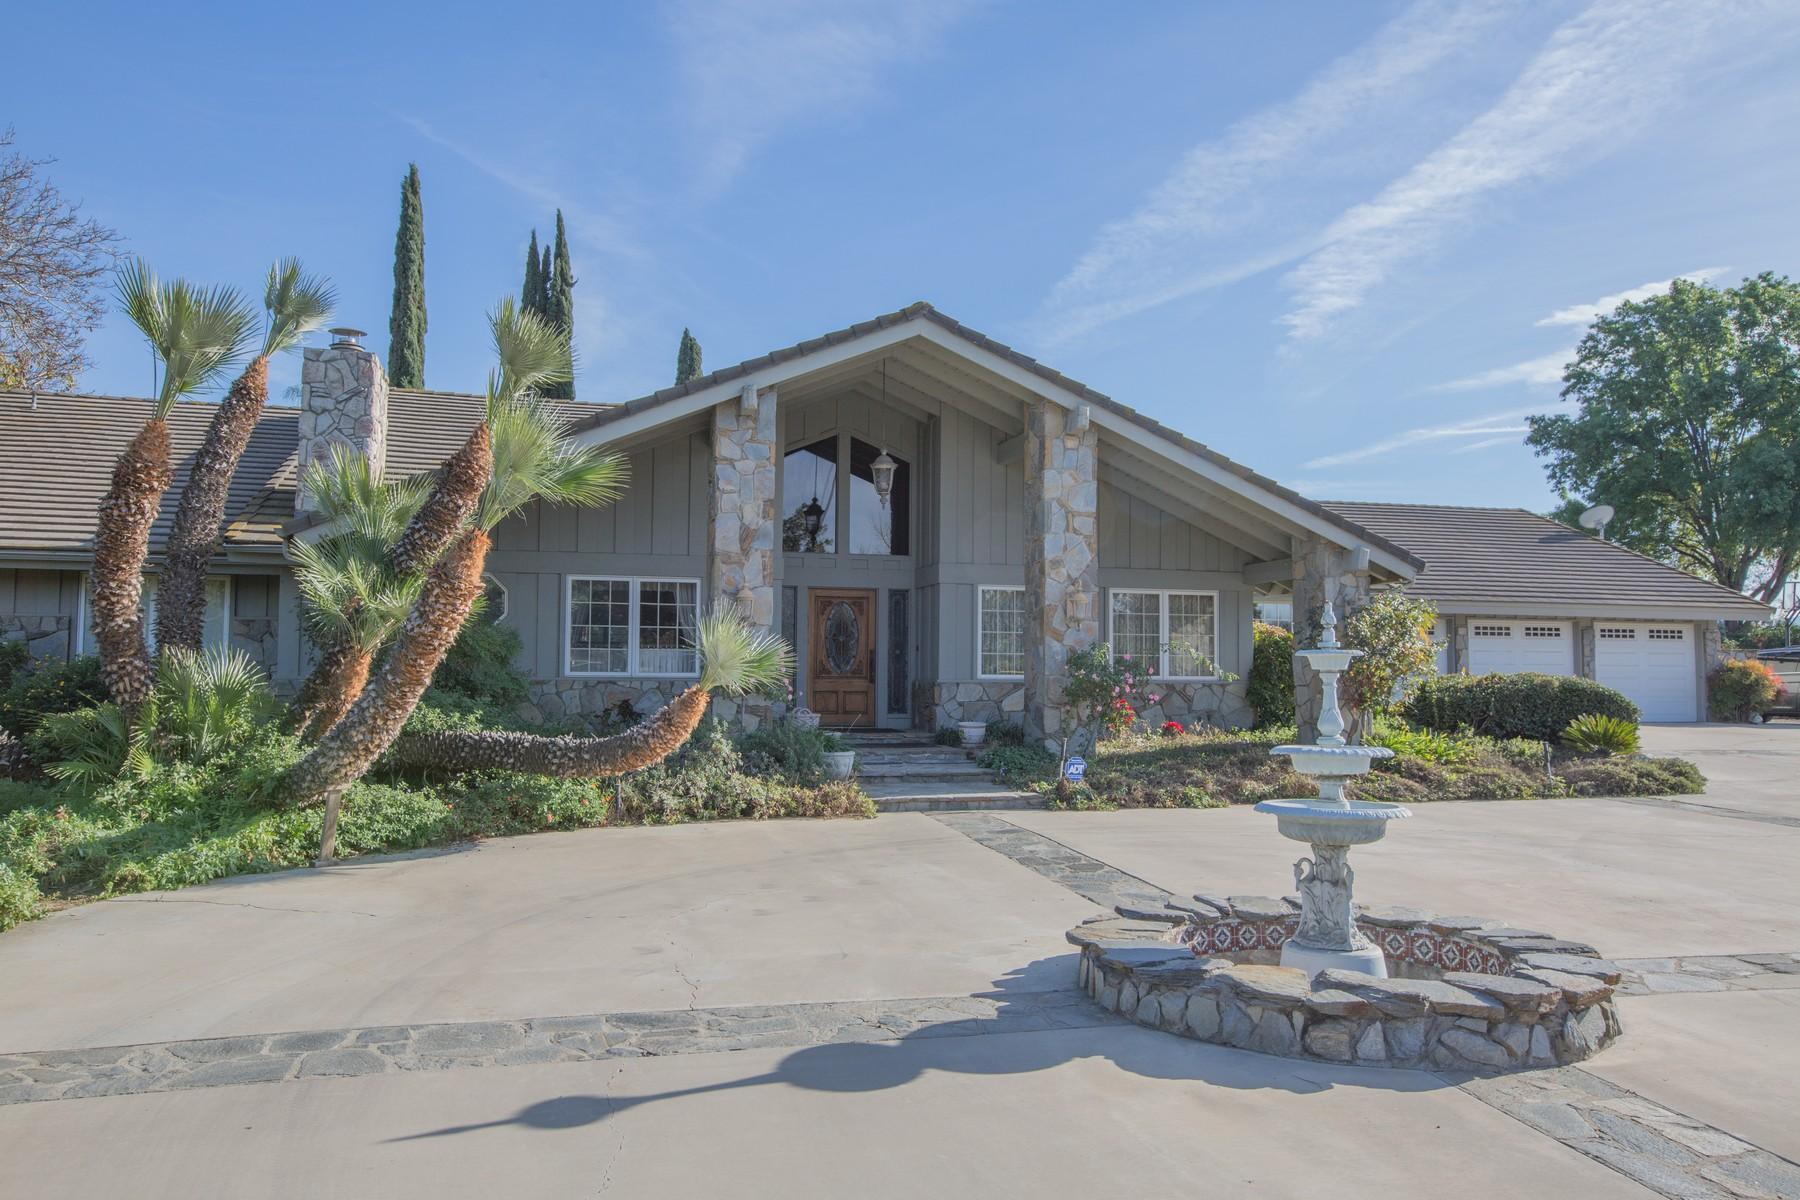 Ферма / ранчо / плантация для того Продажа на 8690 Victoria Ave. Riverside, Калифорния, 92504 Соединенные Штаты